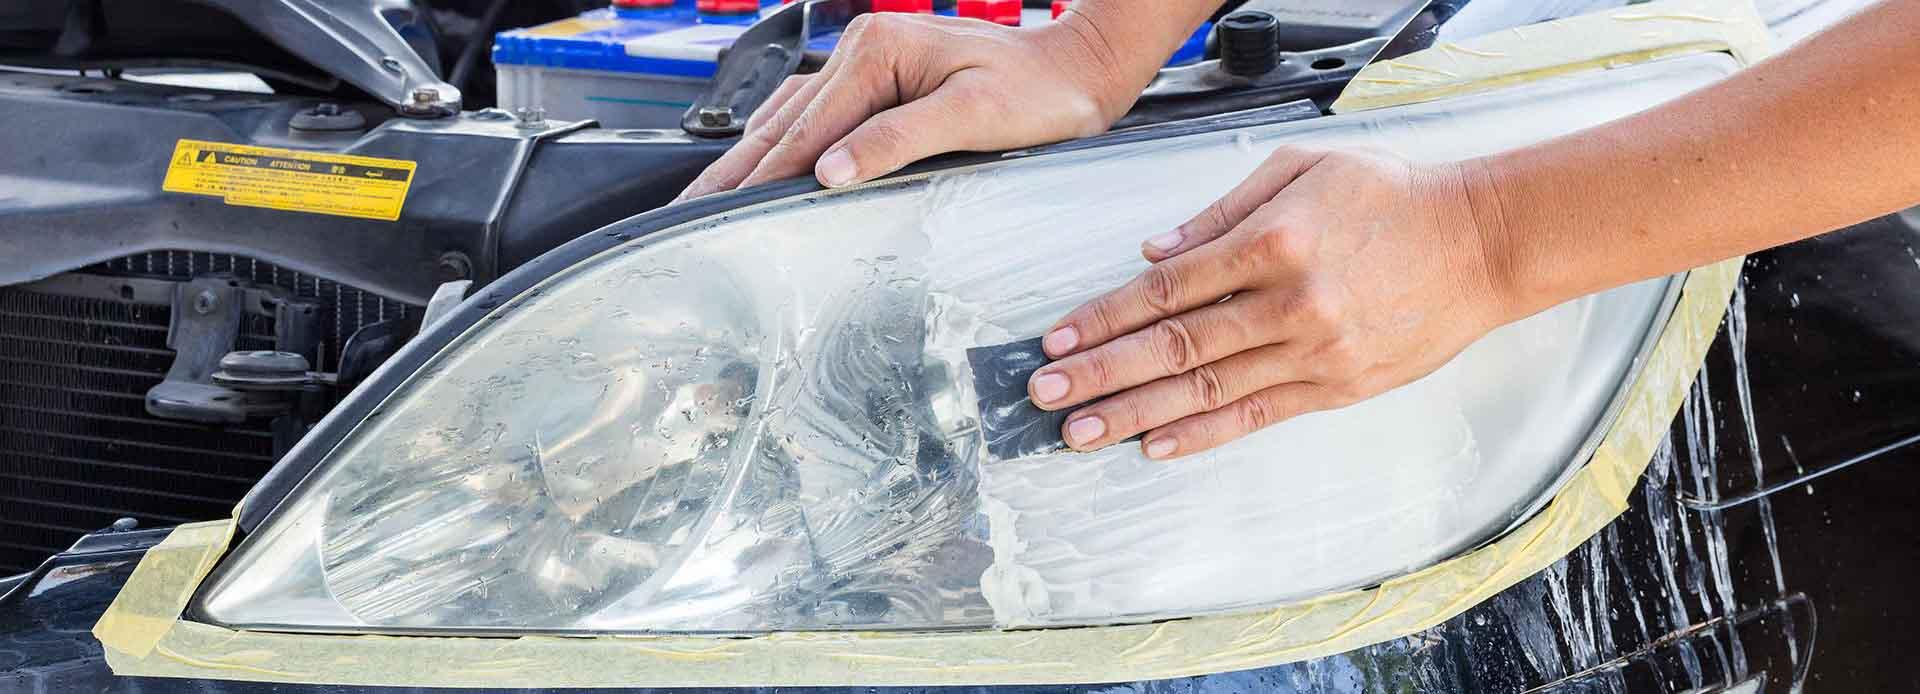 meilleur kit rénovation rénovateur phares optique comparatif guide d'achat